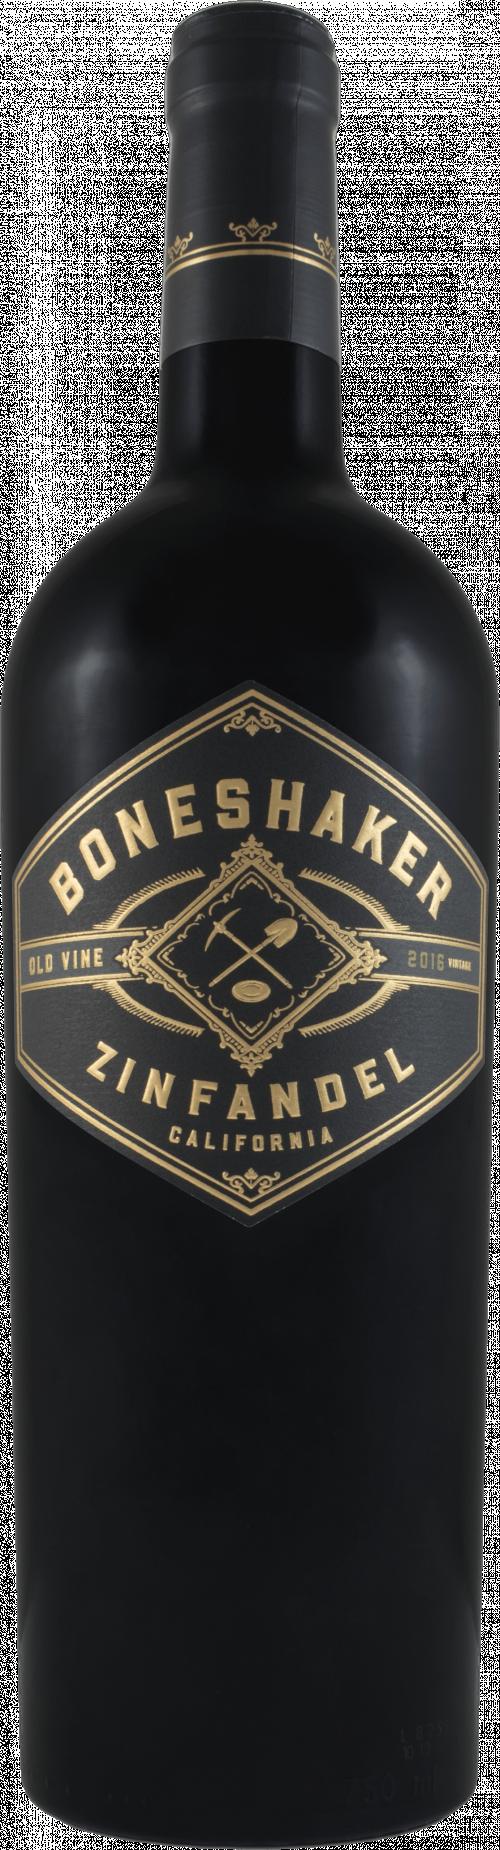 2019 Boneshaker Zinfandel 750ml